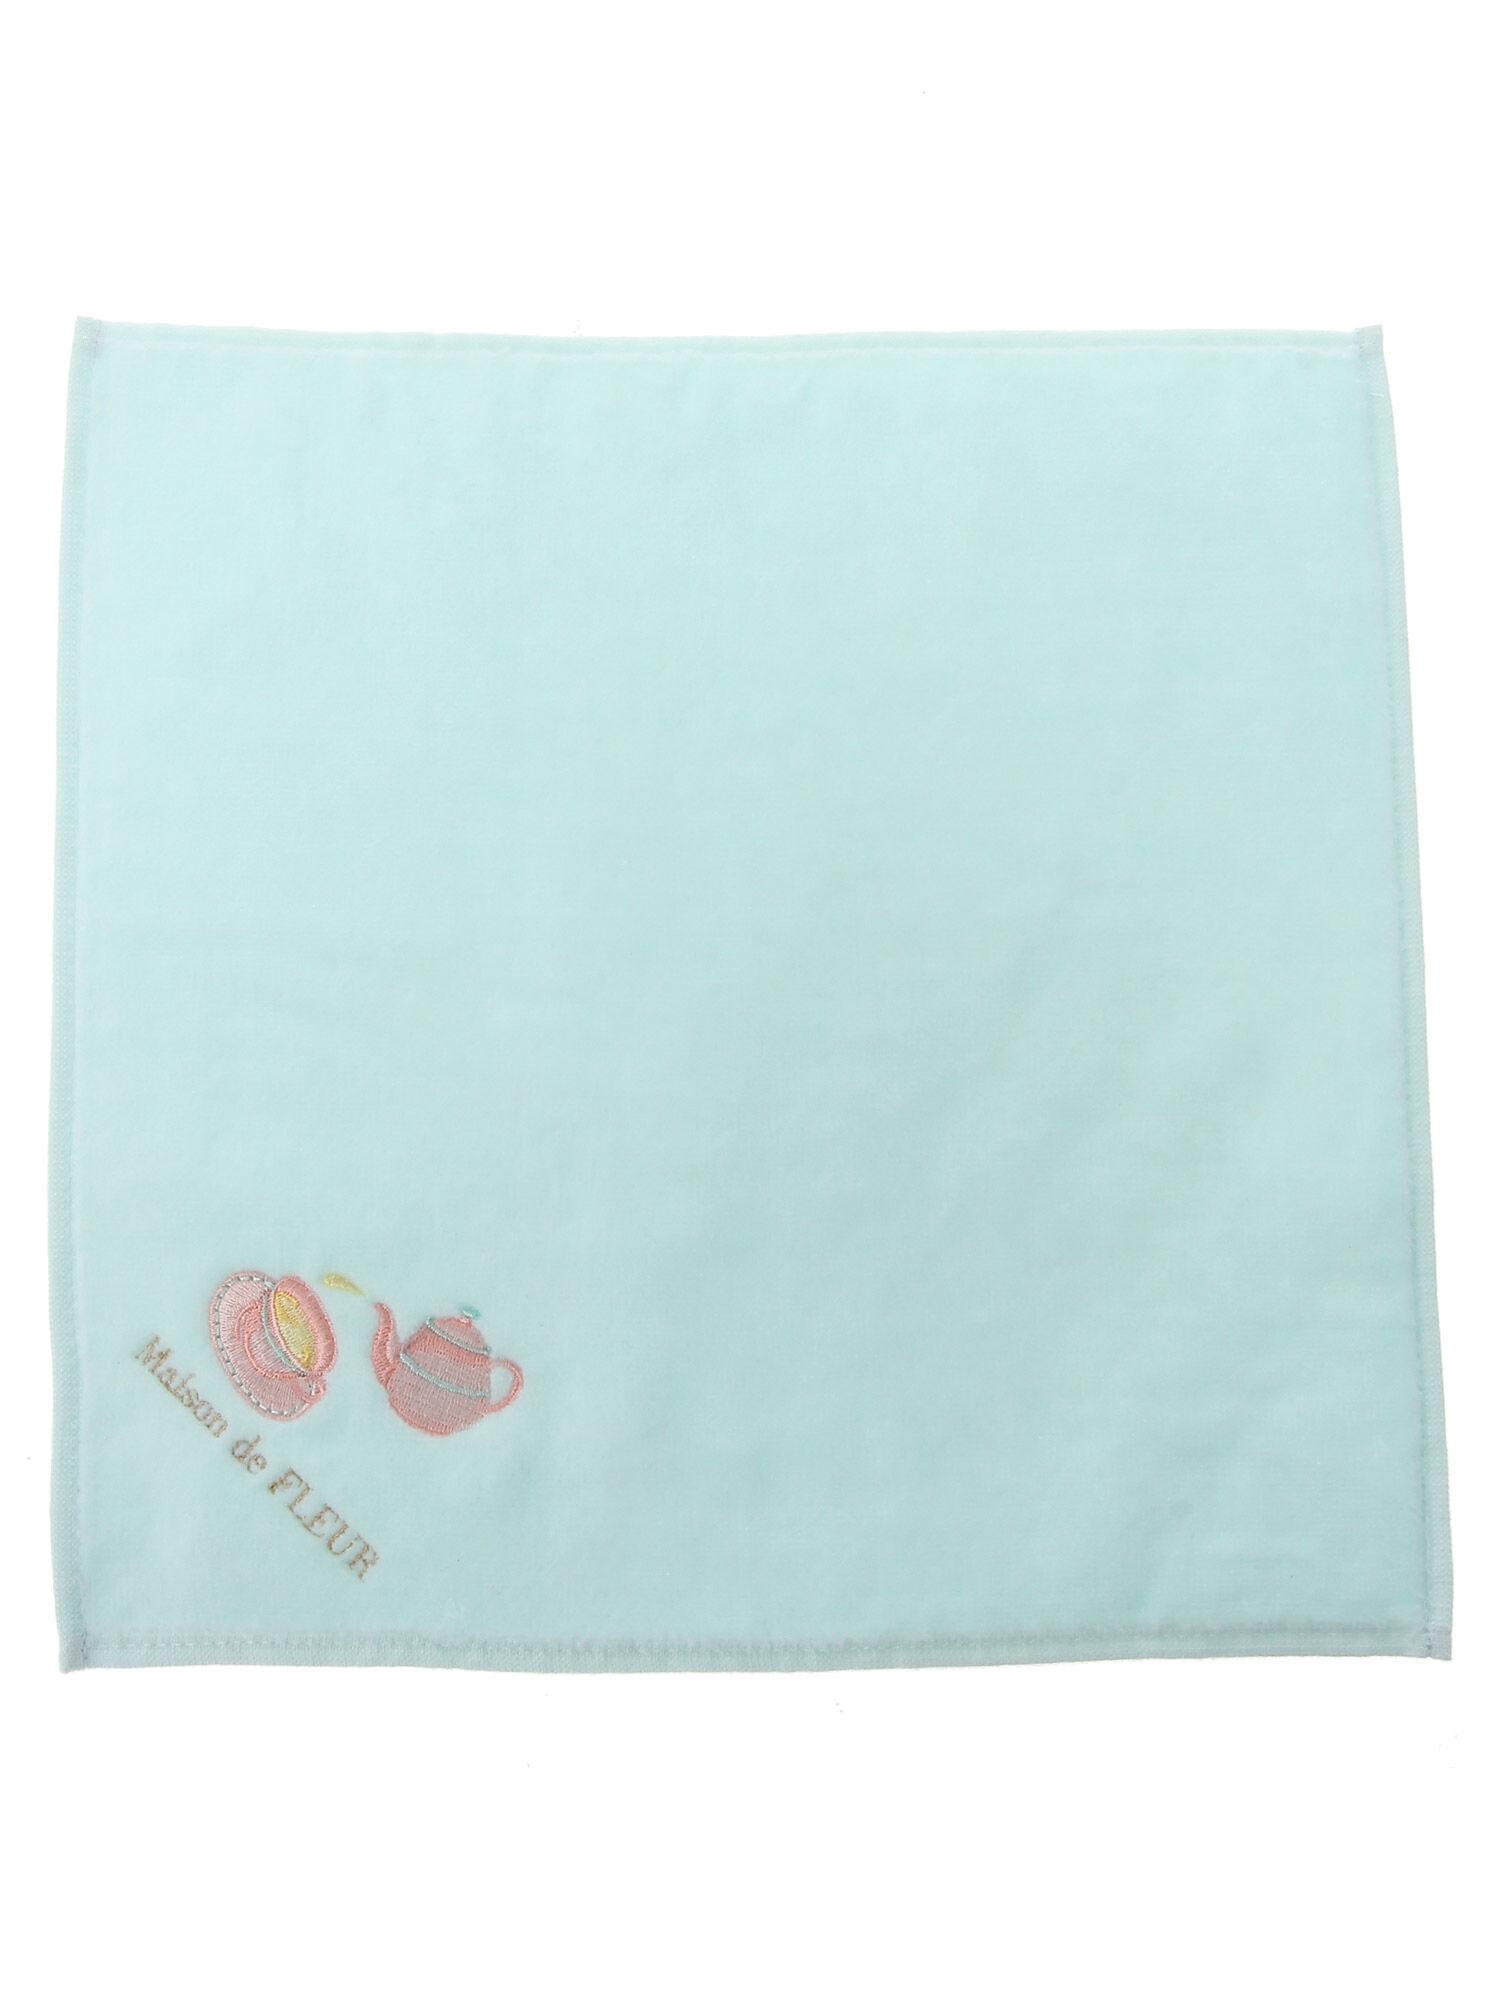 ティータイム刺繍タオルハンカチ